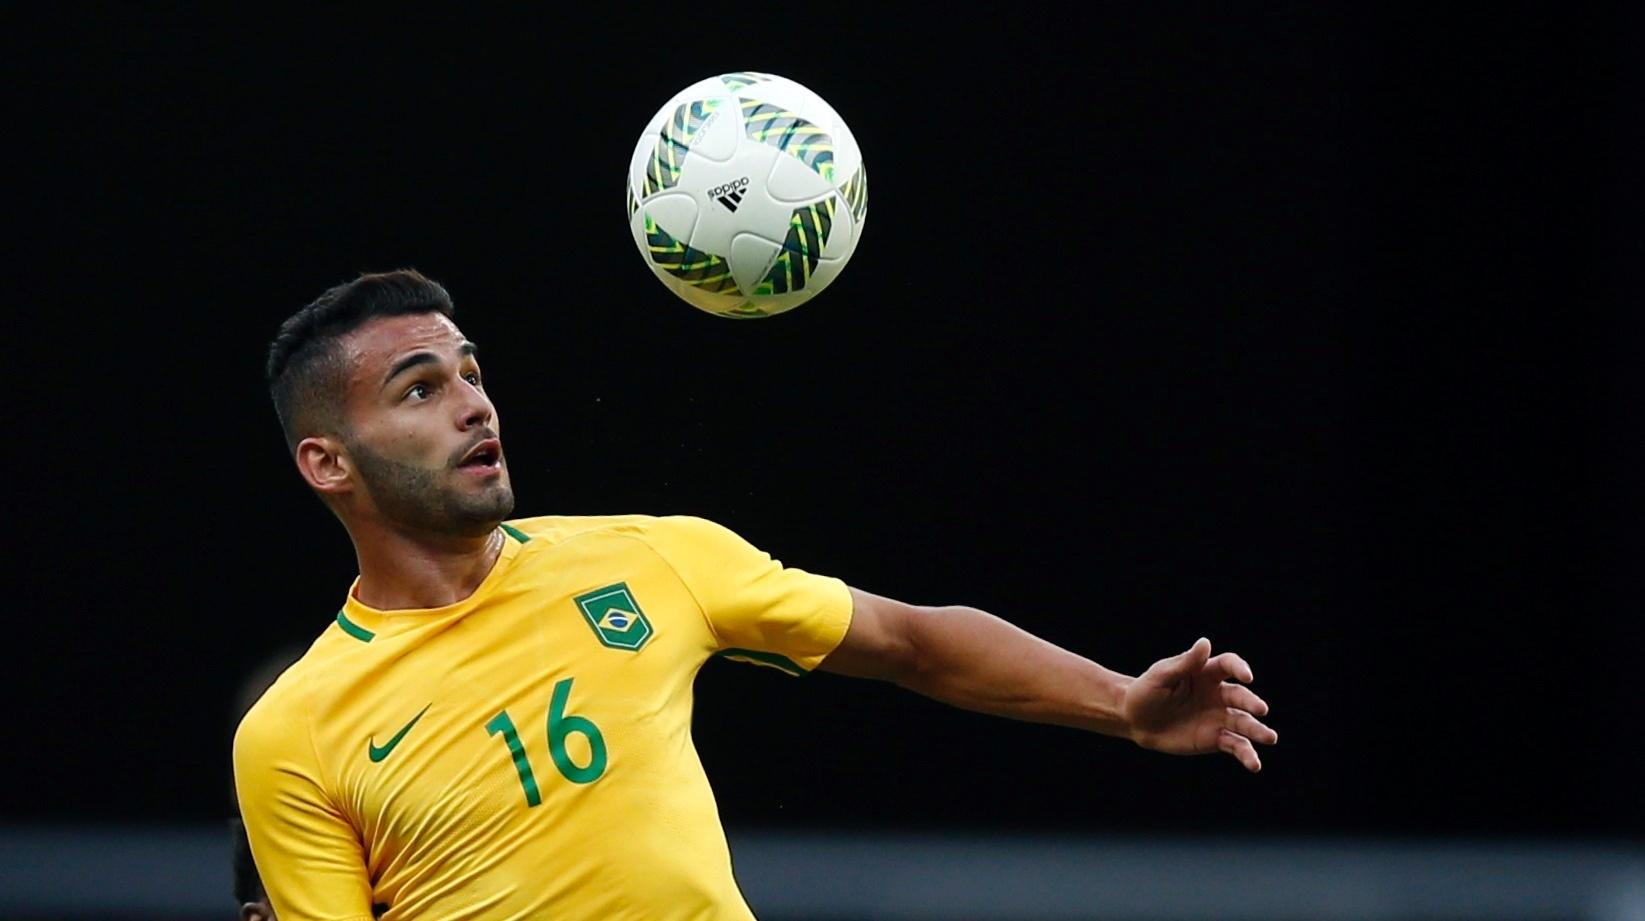 Thiago Maia sobe para cabecear a bola na estreia da seleção brasileira na Olimpíada